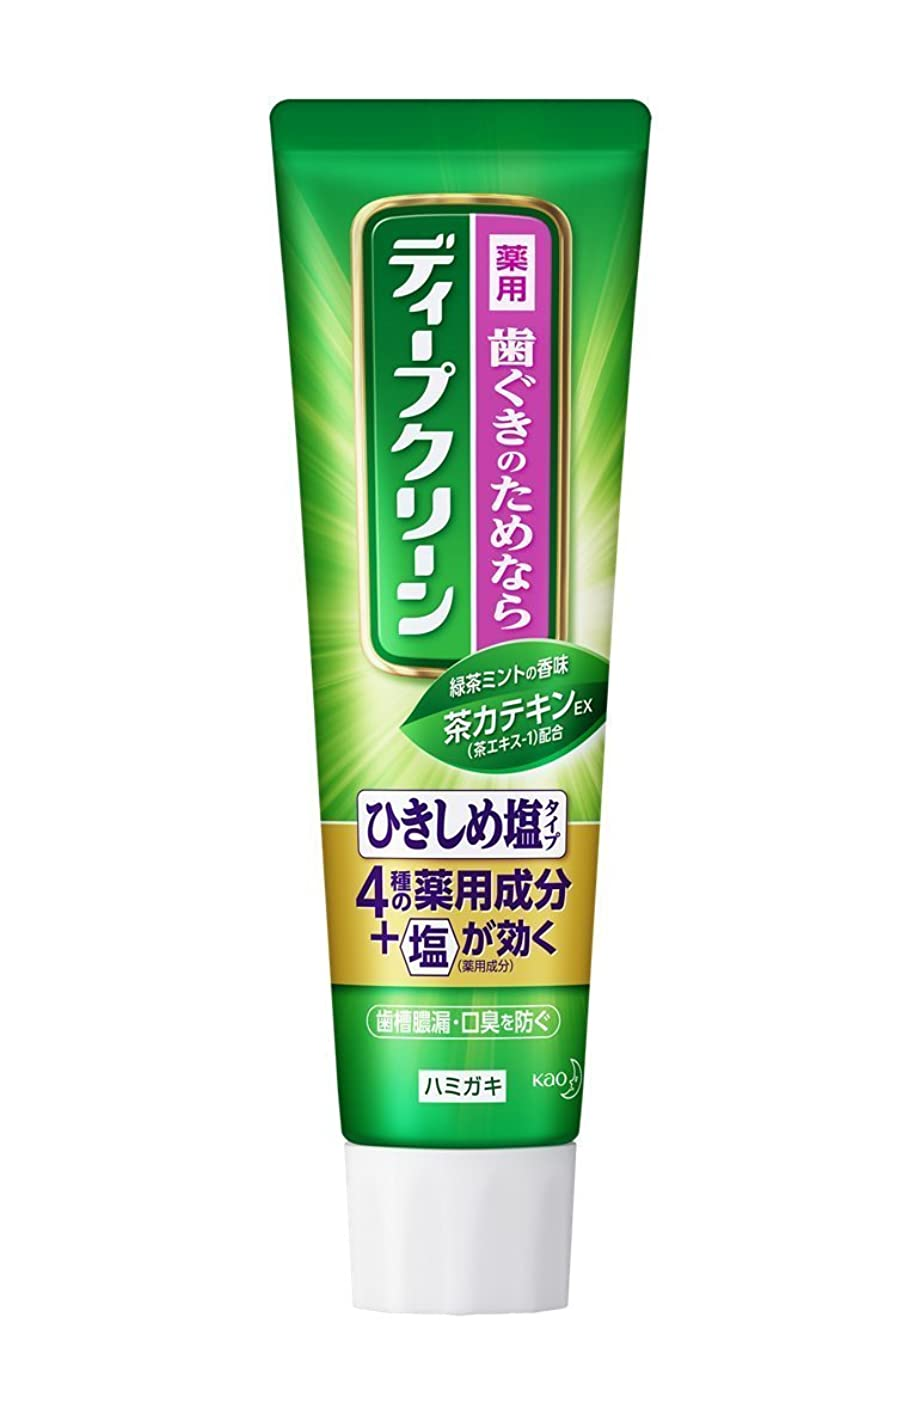 ループ同化蒸留する【花王】ディープクリーン 薬用ハミガキ ひきしめ塩 100g ×20個セット